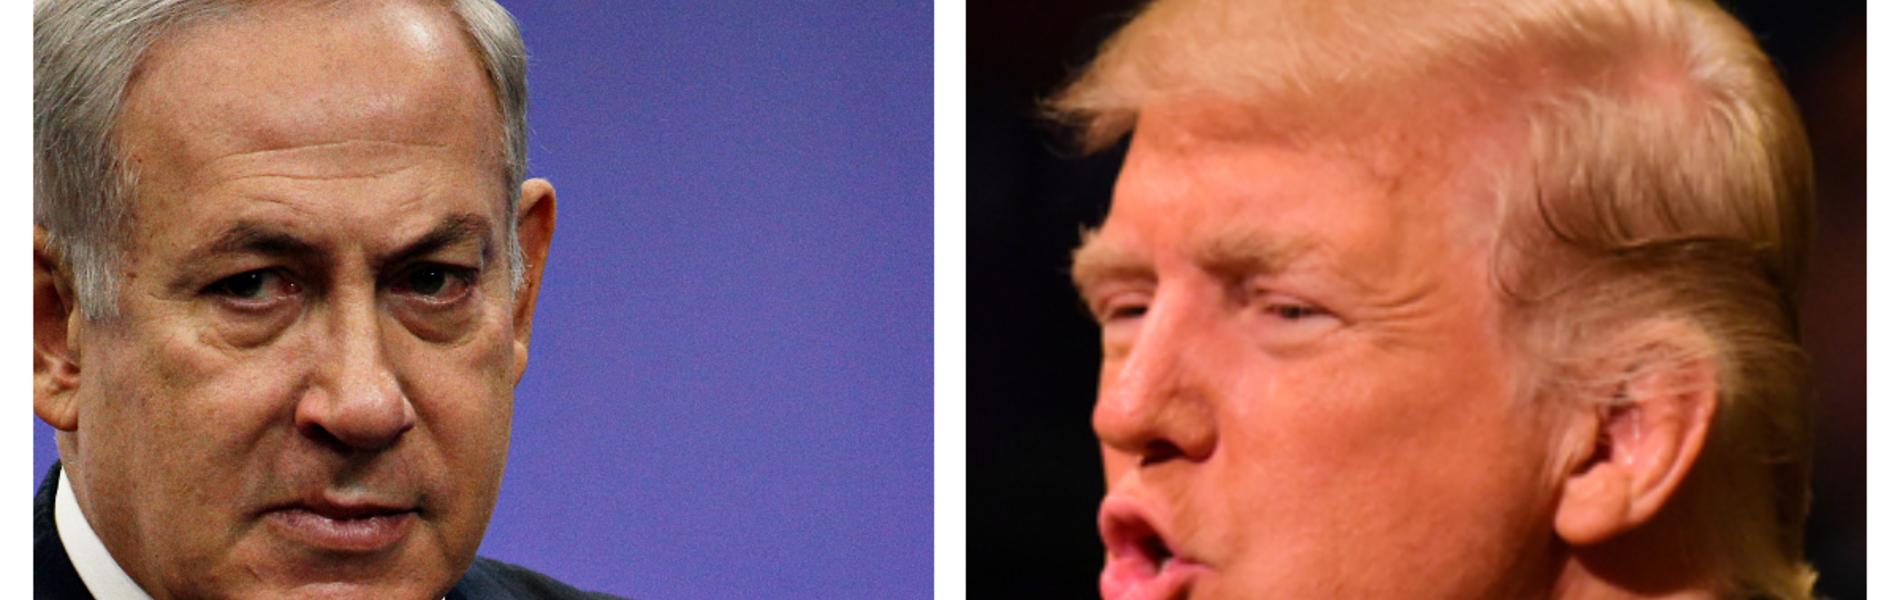 נתניהו מחקה את קמפיין טראמפ וזה עובד לו